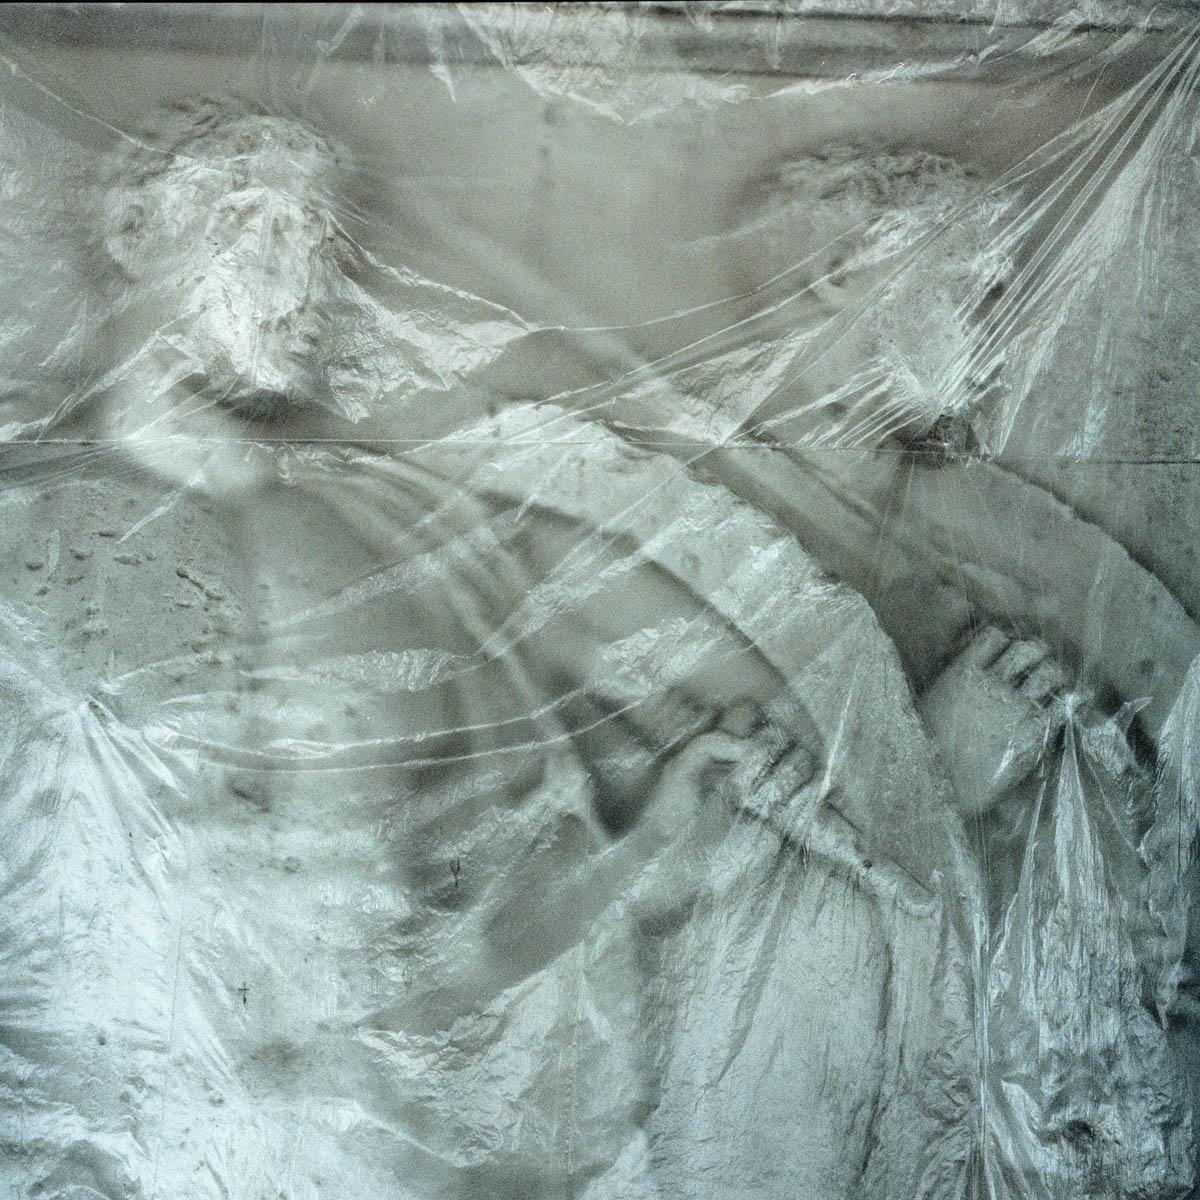 Γιάννης Καρπούζης, από τη σειρά <em>Παράλληλη Κρίση</em>, 2012-2020